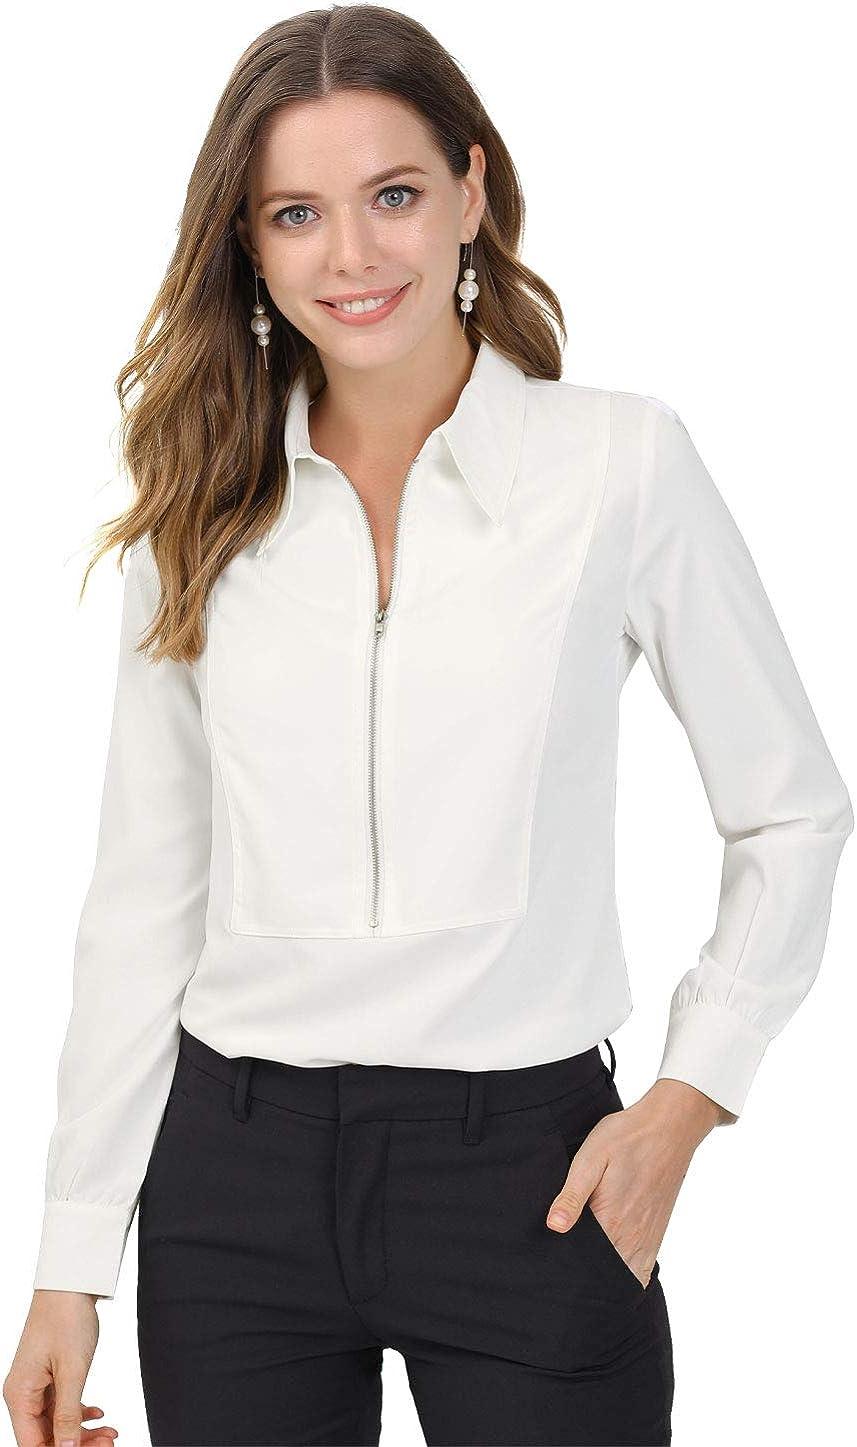 Allegra K Women's Zip Front Blouse Long Sleeve Solid Color Office Work Top